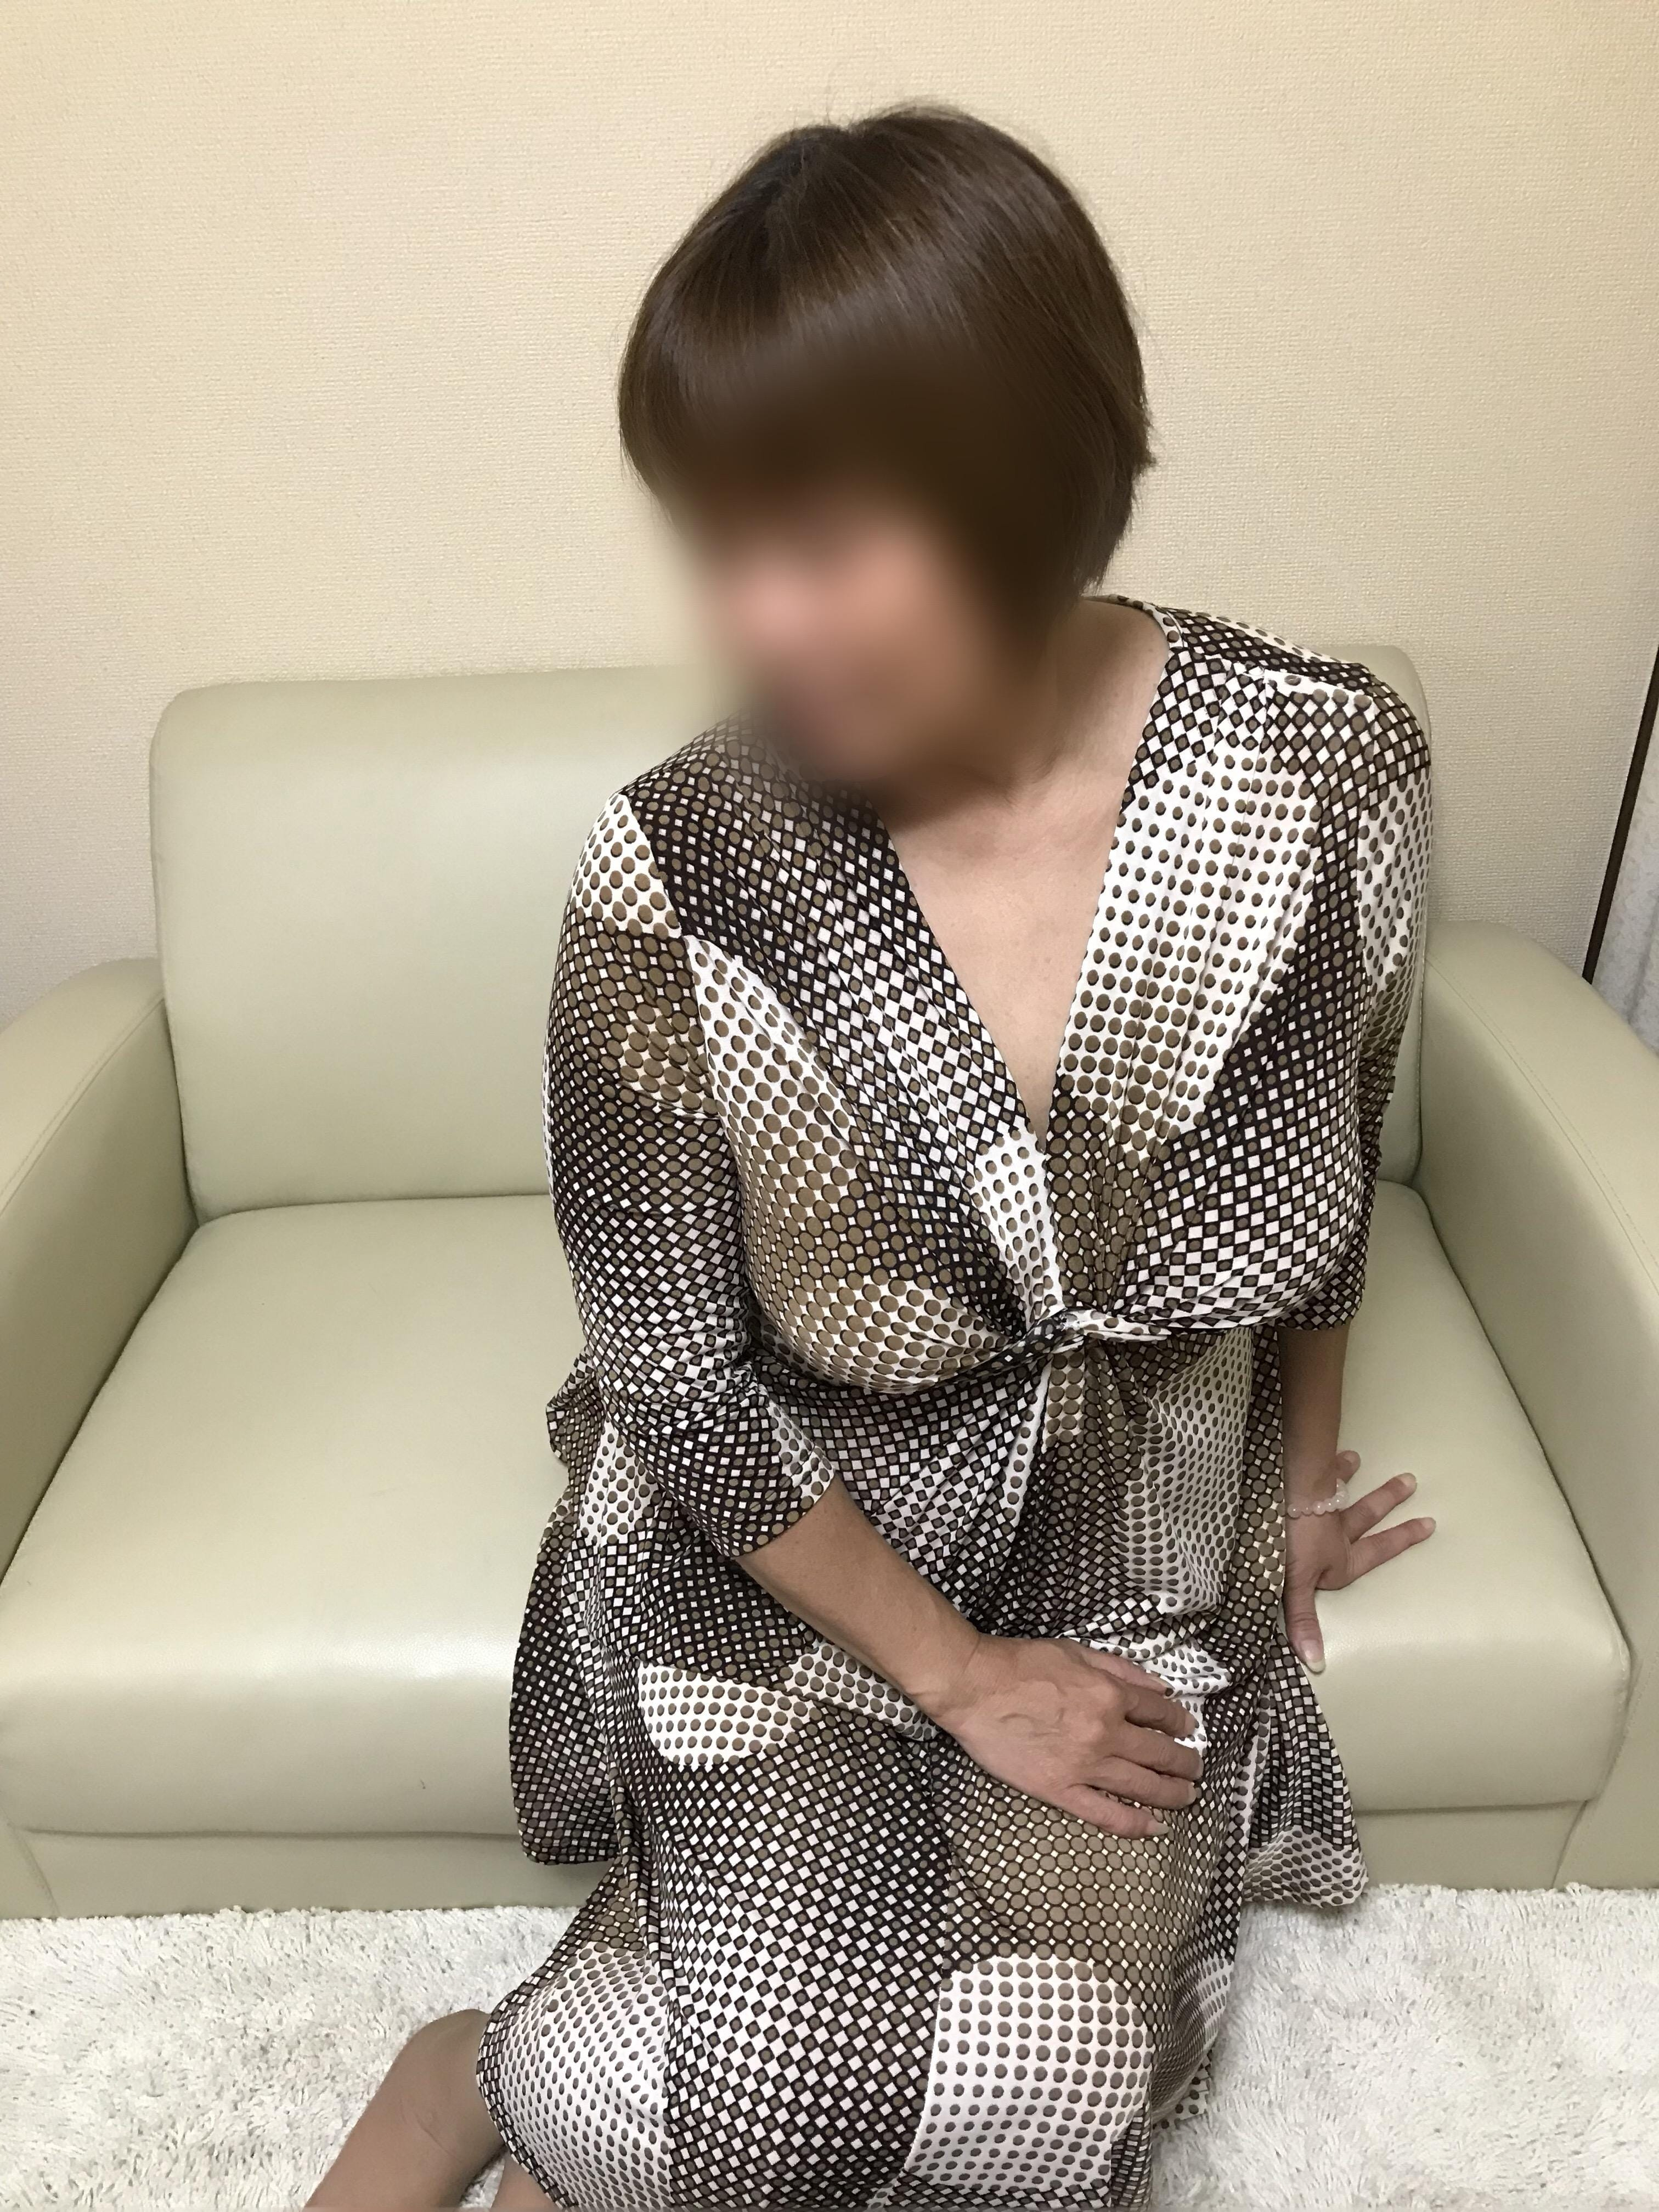 「おはようございます(^^)」09/20(木) 10:50   かのみの写メ・風俗動画